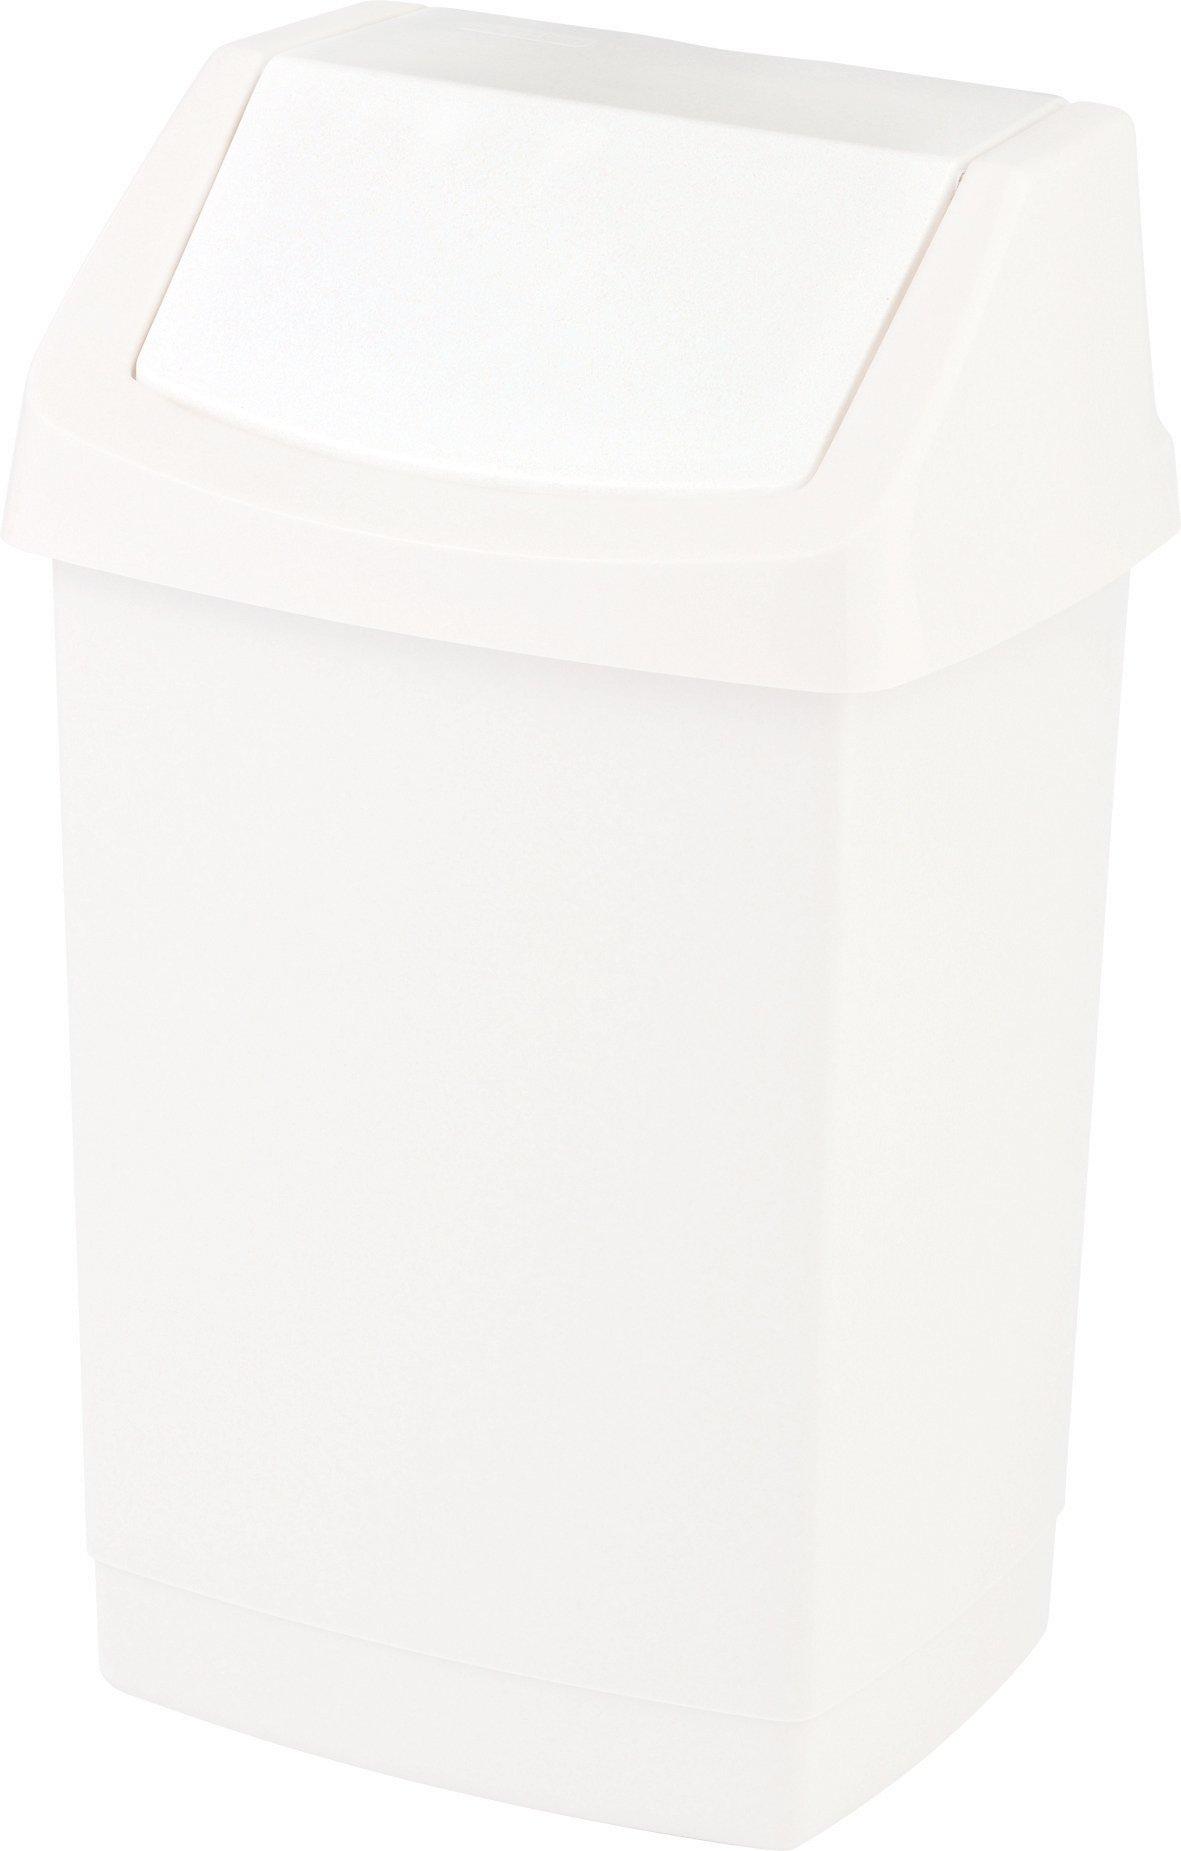 Curver odpadkový koš, CLICK-IT, bílý, 9l